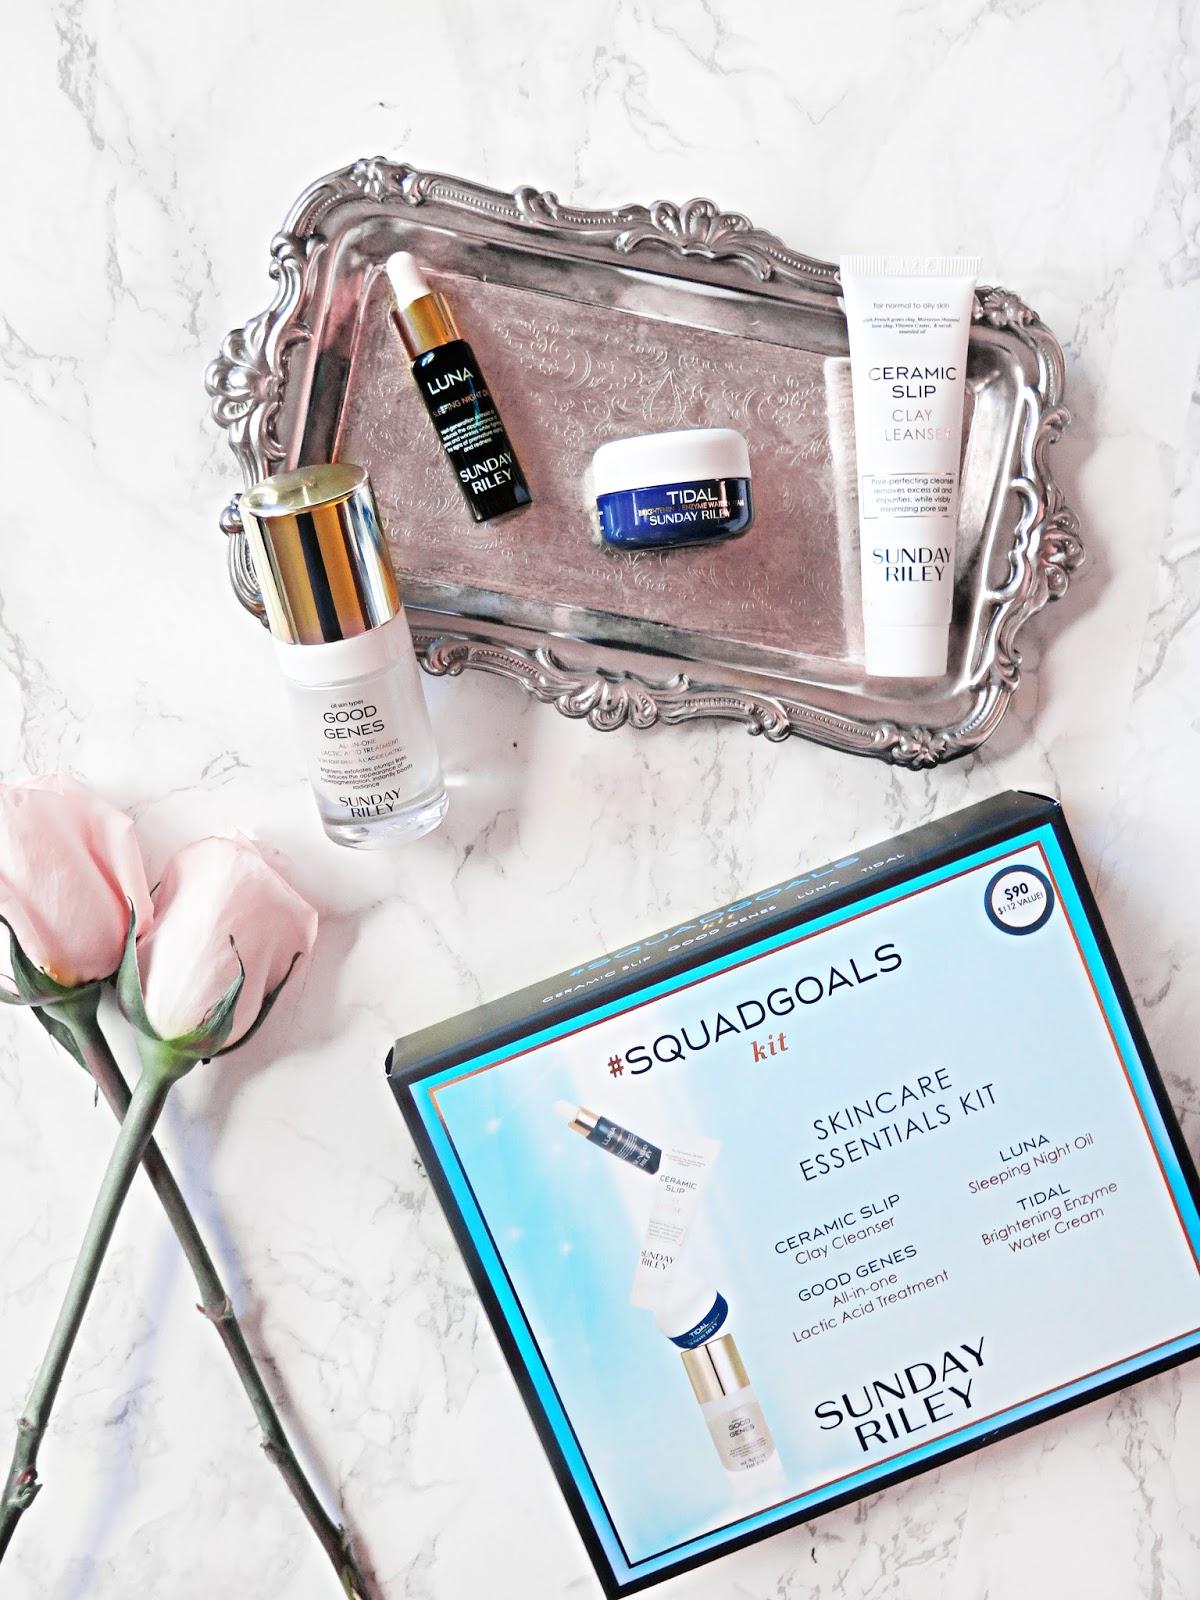 #SkincareGoals | The PERFECT Gift For A Skincare Addict | Sunday Riley #SquadGoals Skincare Essentials Set | labellesirene.ca